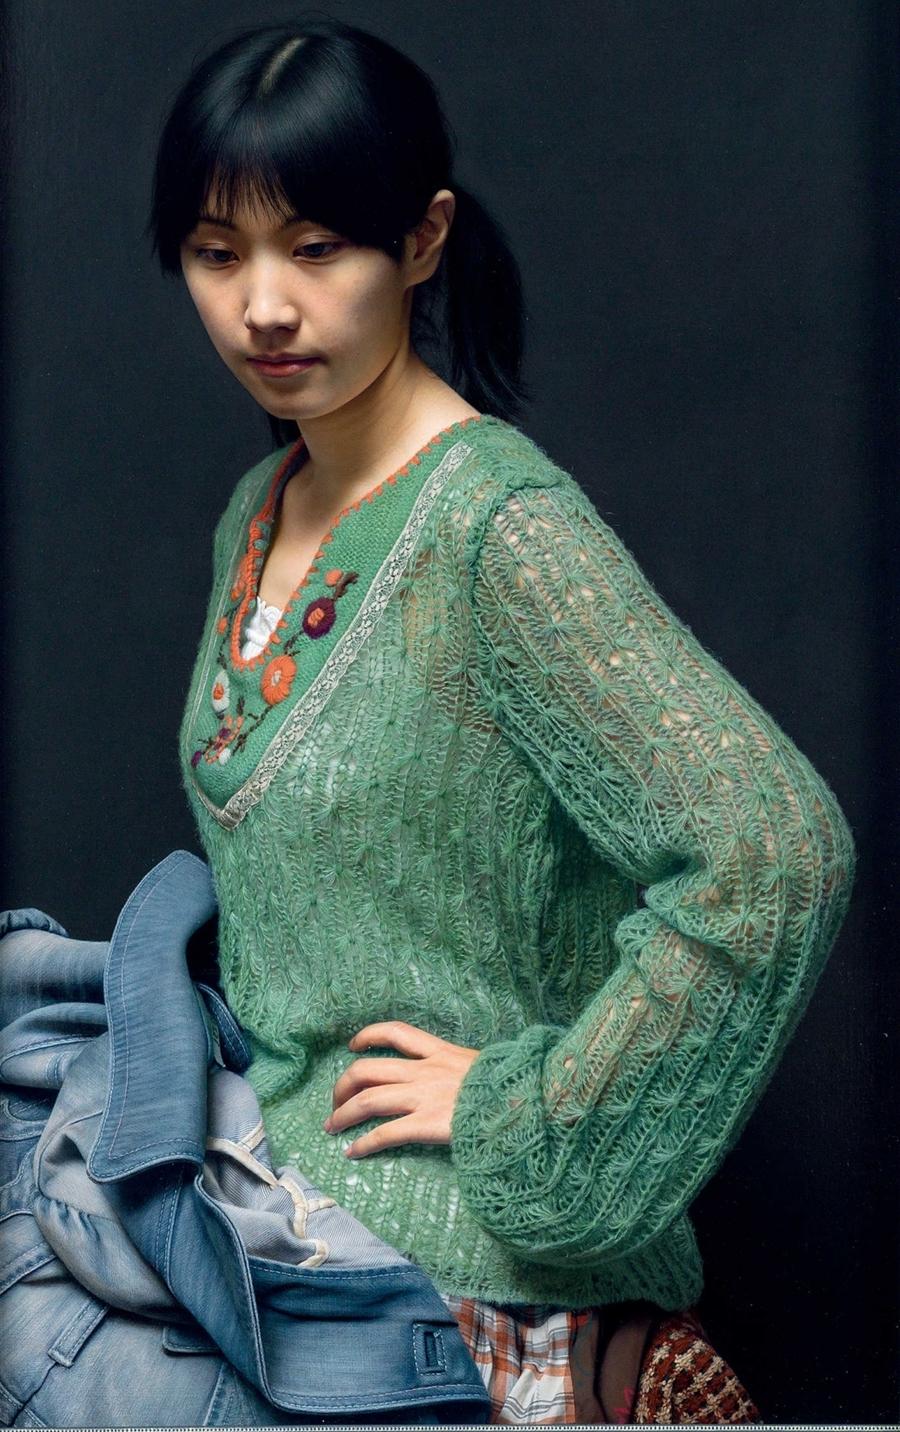 Phiên đấu giá mùa thu với chủ đề Đêm nghệ thuật đương đại và thế kỷ 20 của China Guardia tháng 11/2019, , giá là 70,15 triệu NDT (10,9 triệu USD) tranh sơn dầu vẽ năm 2011tiêu tượng chi tương - tiểu khươngHọa sĩ tình cờ gặp Tiểu Khương khi dùng bữa tại  nhà hàng ở Hán Khẩu, Vũ Hán. Cô là phục vụ của nhà hàng. Lãnh Quân cho biết ấn tượng v ới vẻ đẹp trong sáng, mộc mạc của cô. Năm 2007, Tiểu Khương, 19 tuổi, Leng Jun trở thành một trong những nghệ sĩ đương đại đắt giá nhấtTheo Nhật báo Nhân dân, Theo báo cáo, Leng Jun đã tạo ra tác phẩm này trong một năm, từ làn da mỏng manh của cô gái đến từng sợi tóc, từ những sợi vải trên vải denim cho đến những đường khâu của chiếc áo len, Little Ginger gần như đại diện cho đỉnh cao. đẳng cấp của tranh sơn dầu siêu thực Trung Quốc trong thời đại ngày nay.